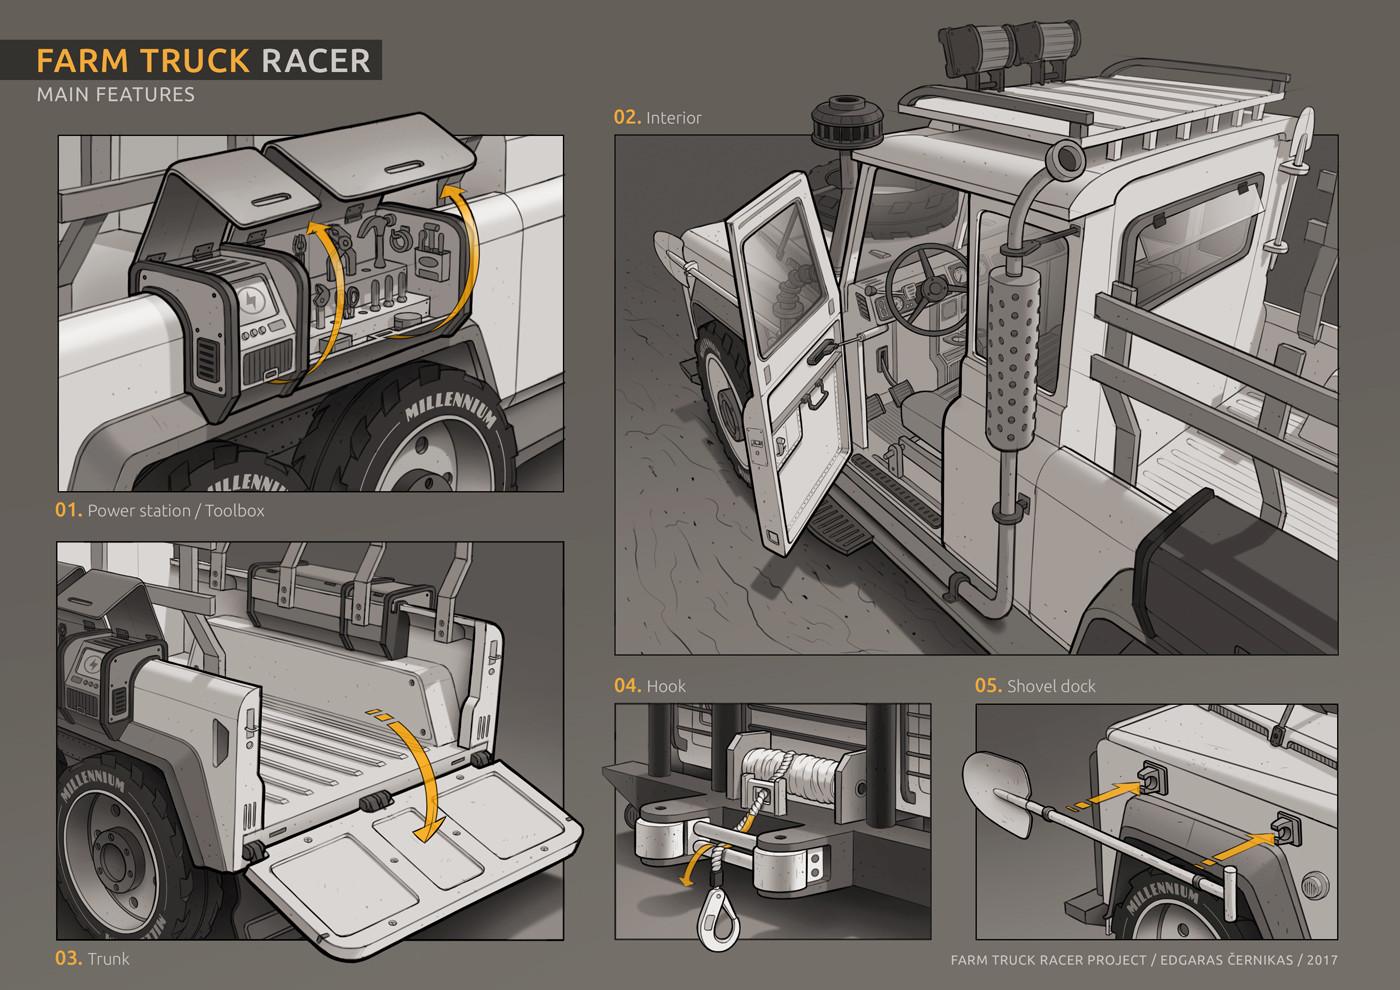 Edgaras cernikas farm truck racer ortho main features 1400x990